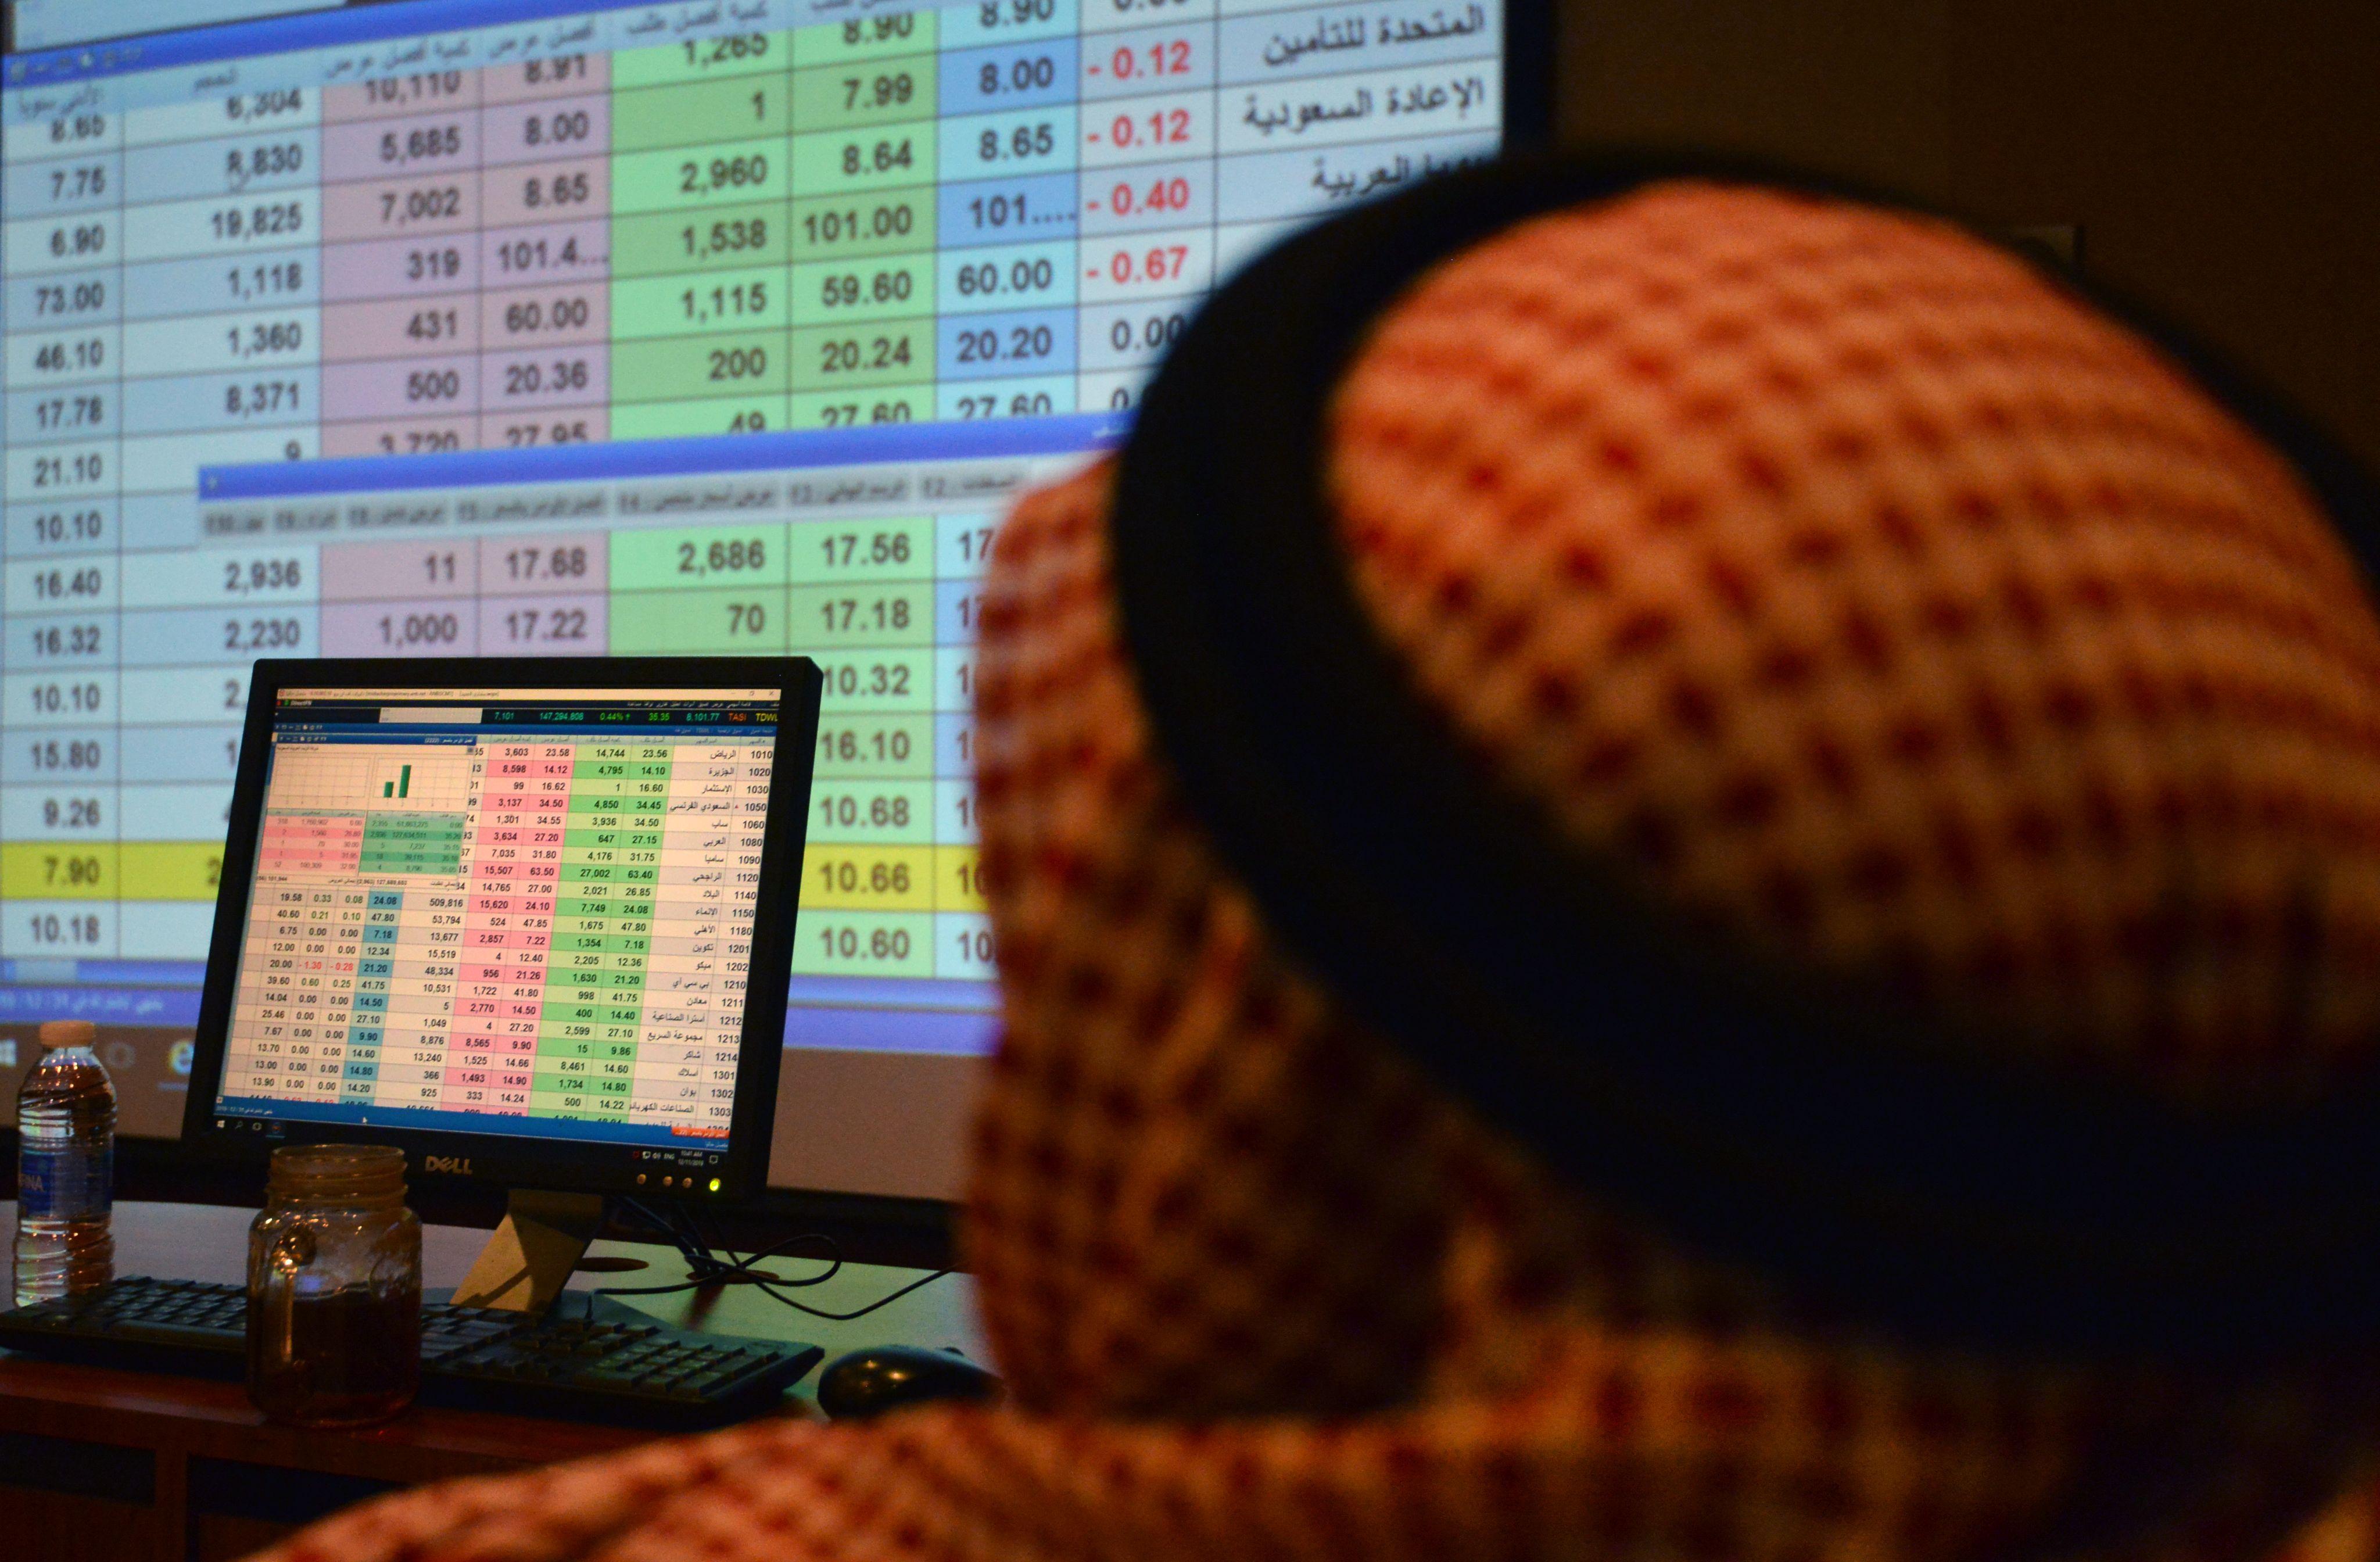 السوق السعودي يغلق على تراجع و  أرامكو  يخالف الإتجاه   صحيفة الاقتصادية